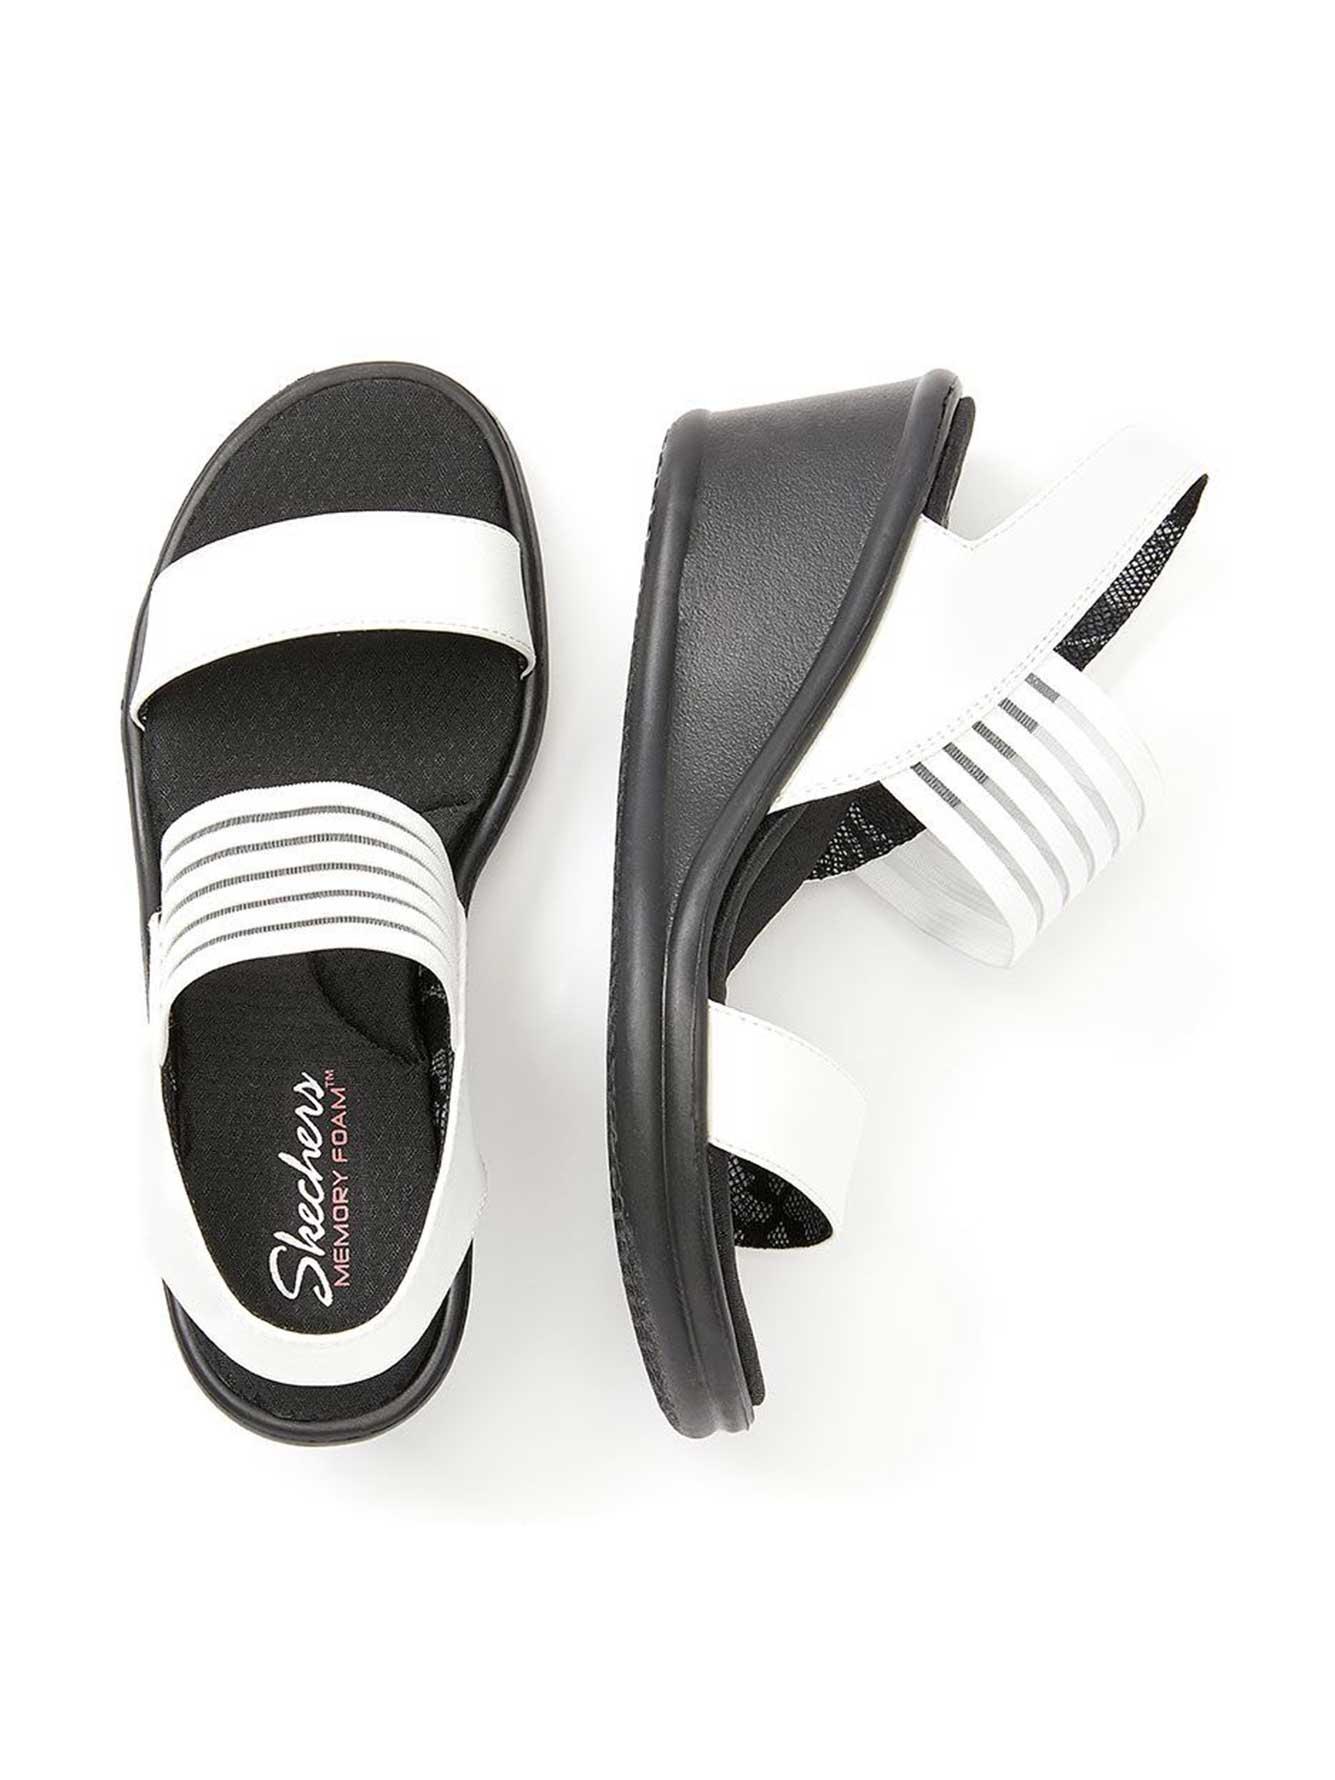 Wide-Width Wedge Sandals - Skechers